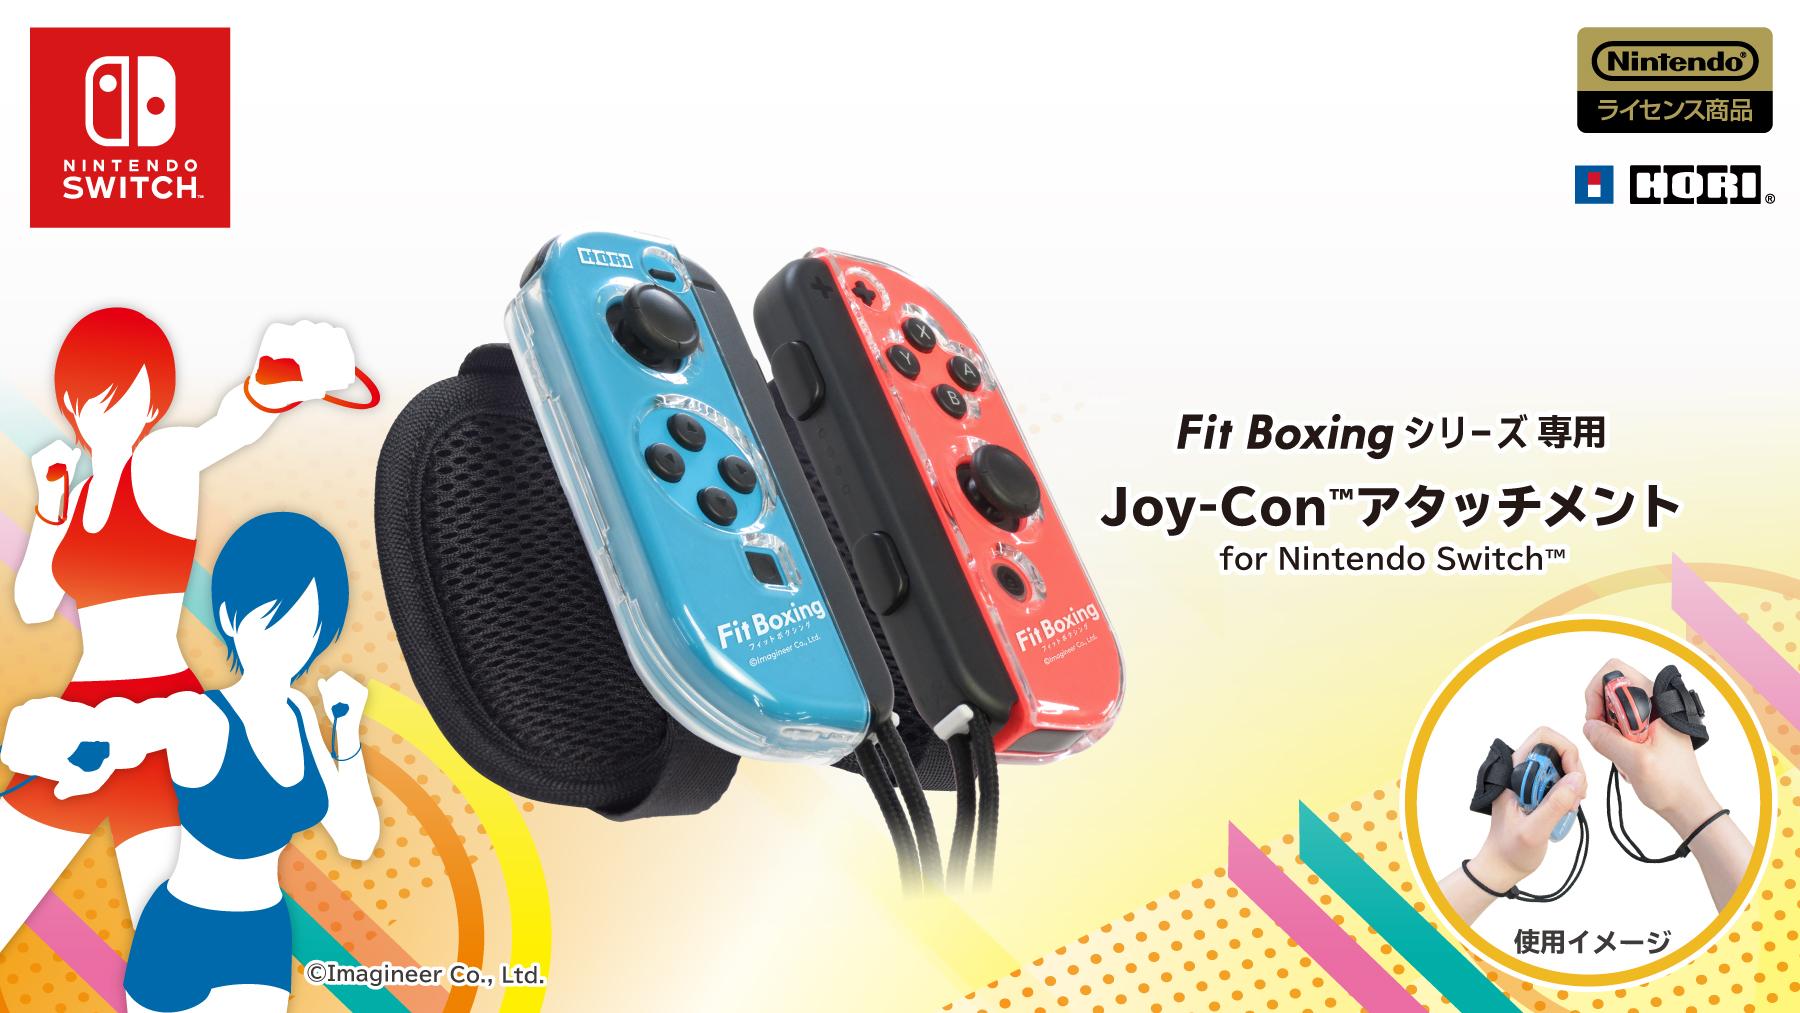 Fit Boxingシリーズ専用 Joy-Con アタッチメント for Nintendo Switch が登場!